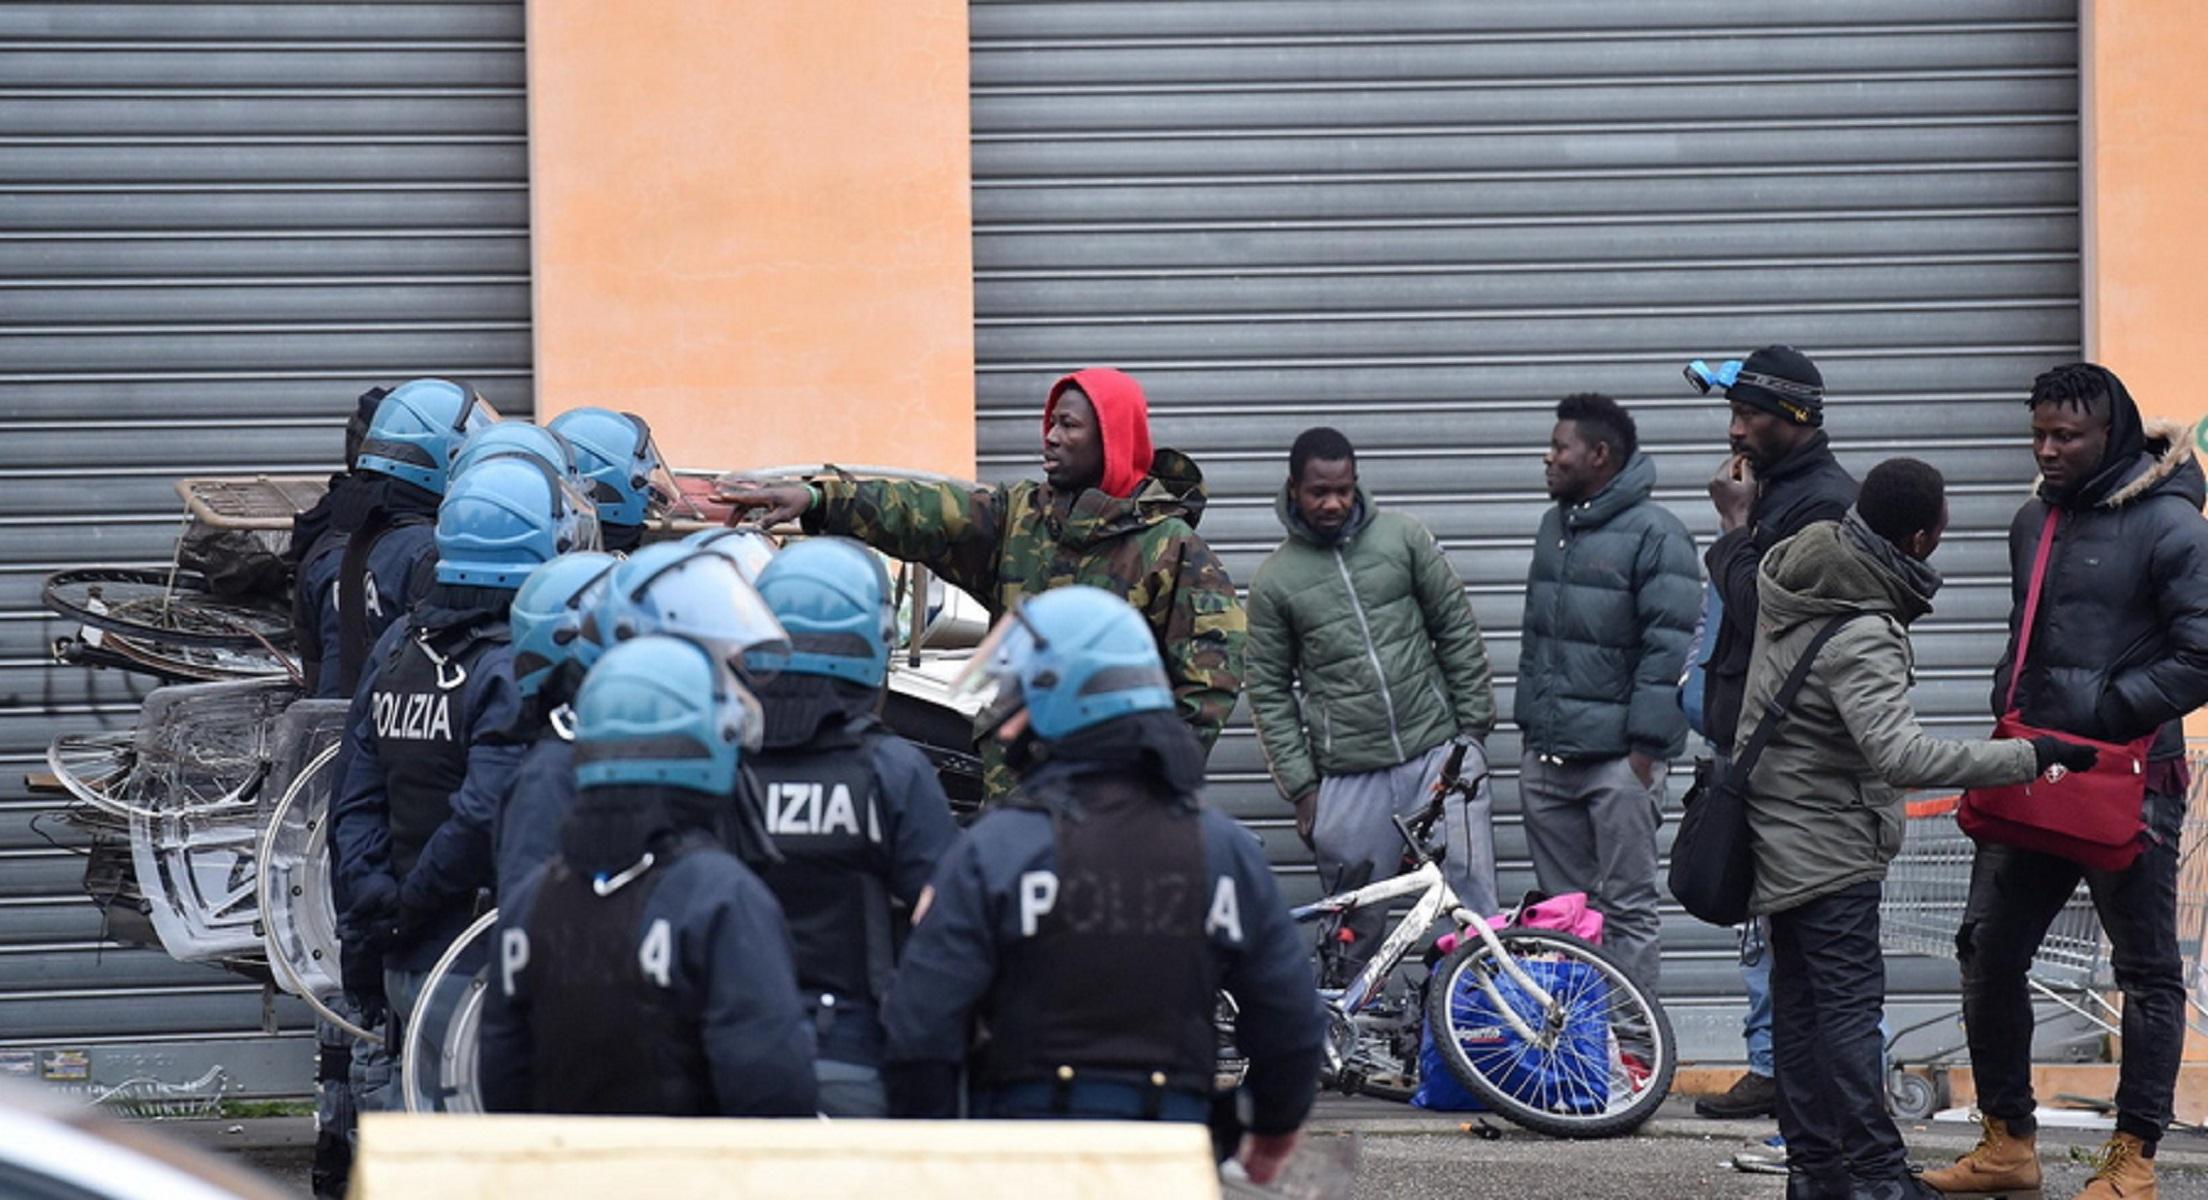 Ιταλία: Το υπέρογκα πρόστιμα στα πλοία των ΜΚΟ θα στοιχίζουν ζωές στη Μεσόγειο προειδοποιεί ο ΟΗΕ